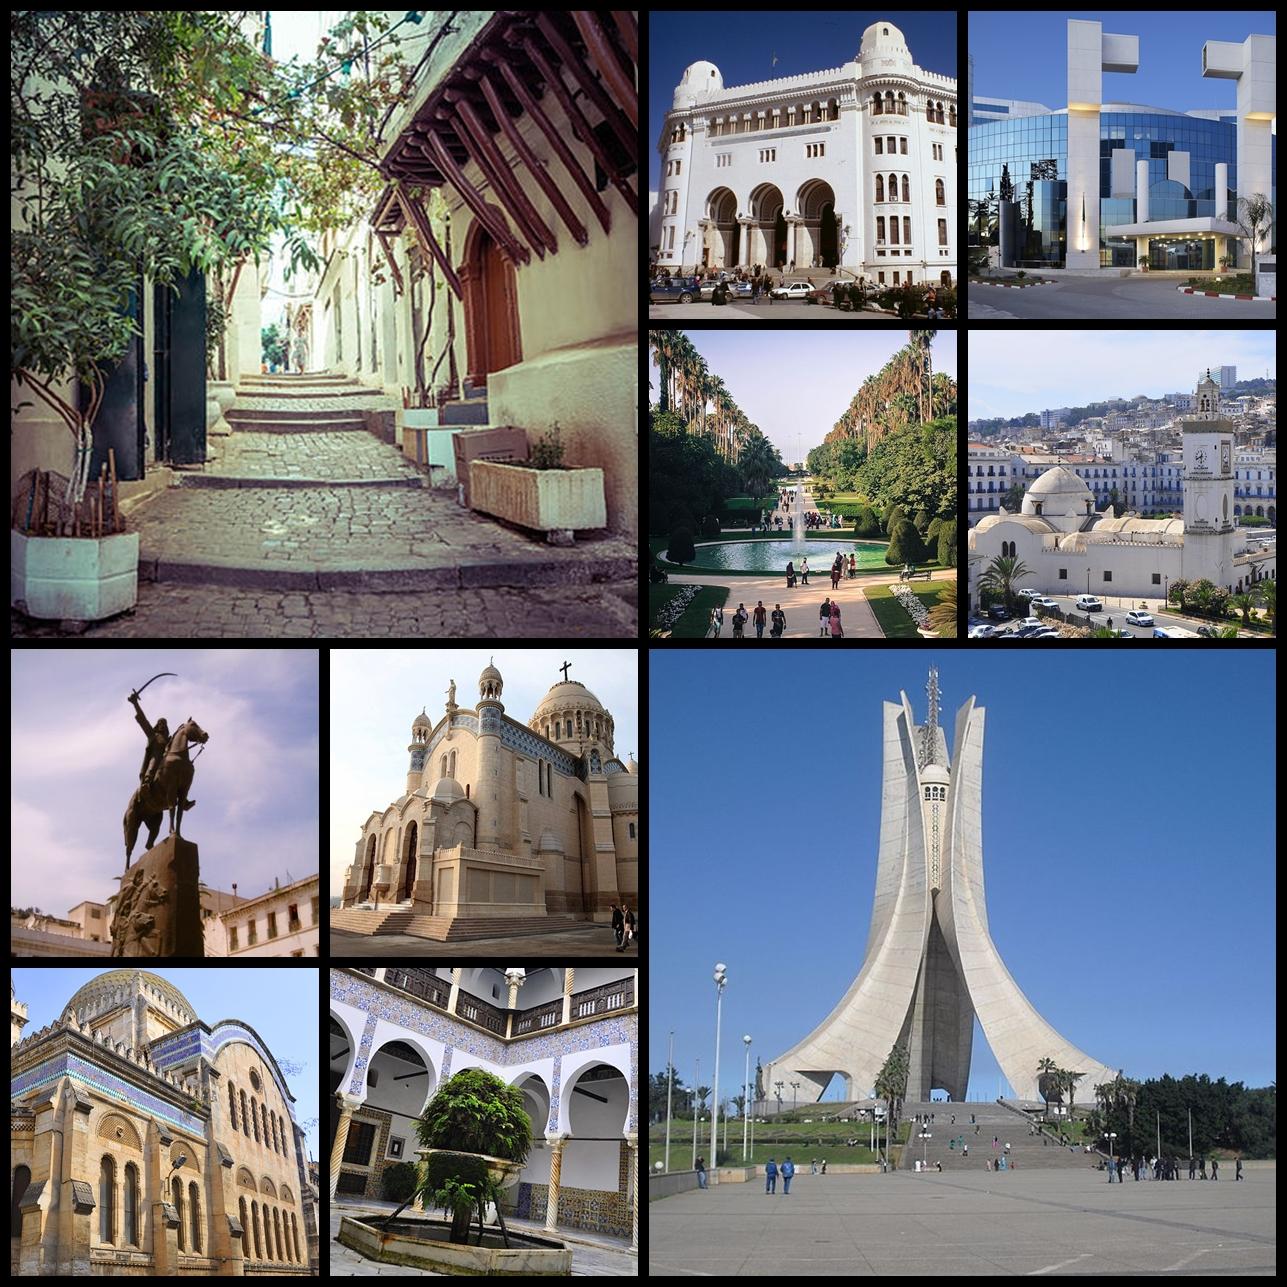 b4e6b220adf5f الجزائر (مدينة) - ويكيبيديا، الموسوعة الحرة